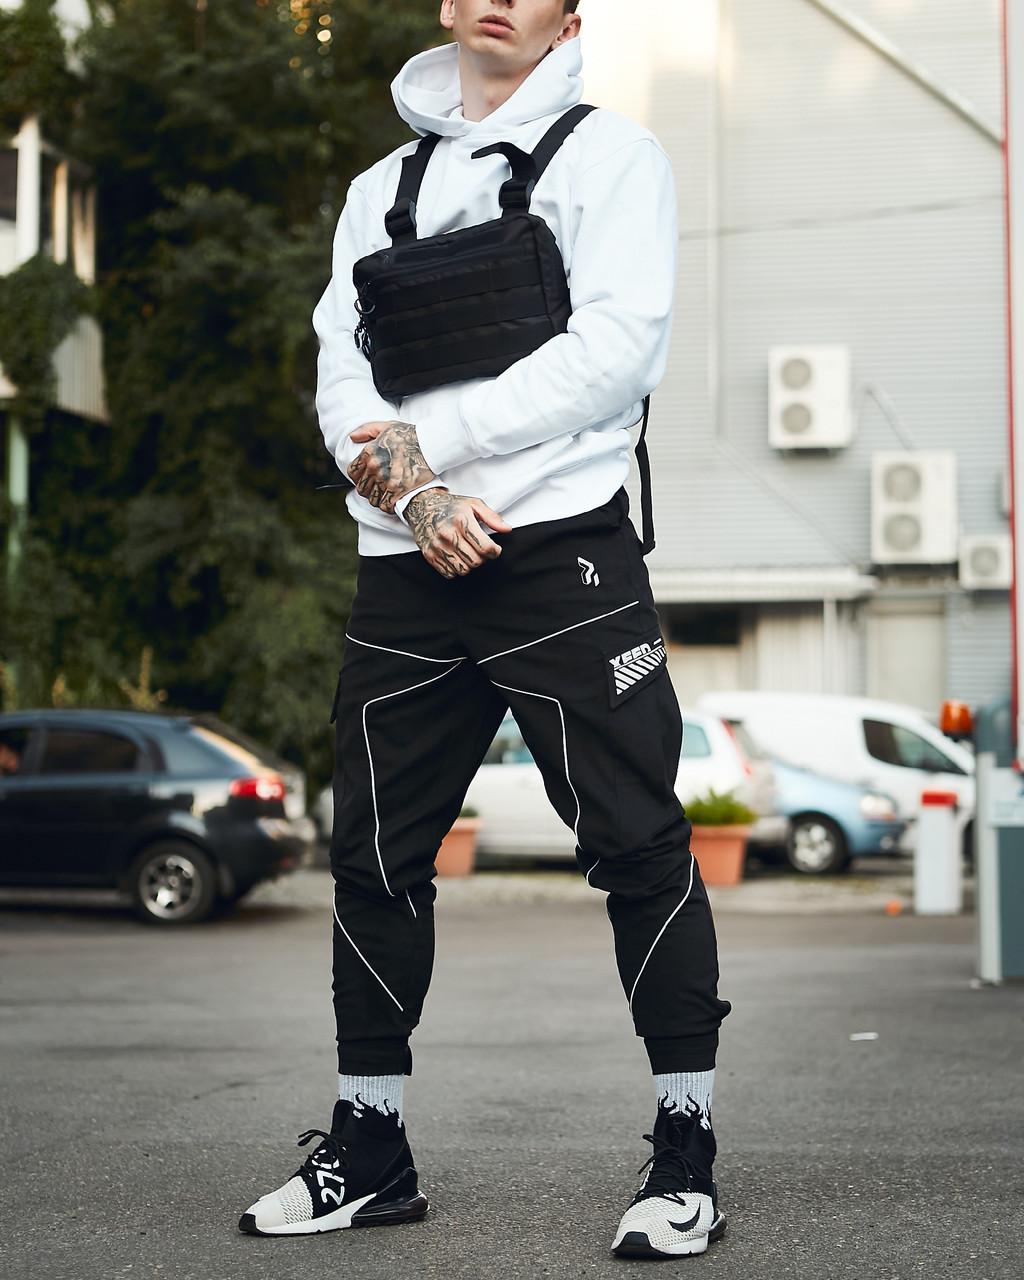 Мужские брюки-карго Пушка Огонь Xeed XXL модные молодежные черные штаны cargo весна подростковые брюки карго